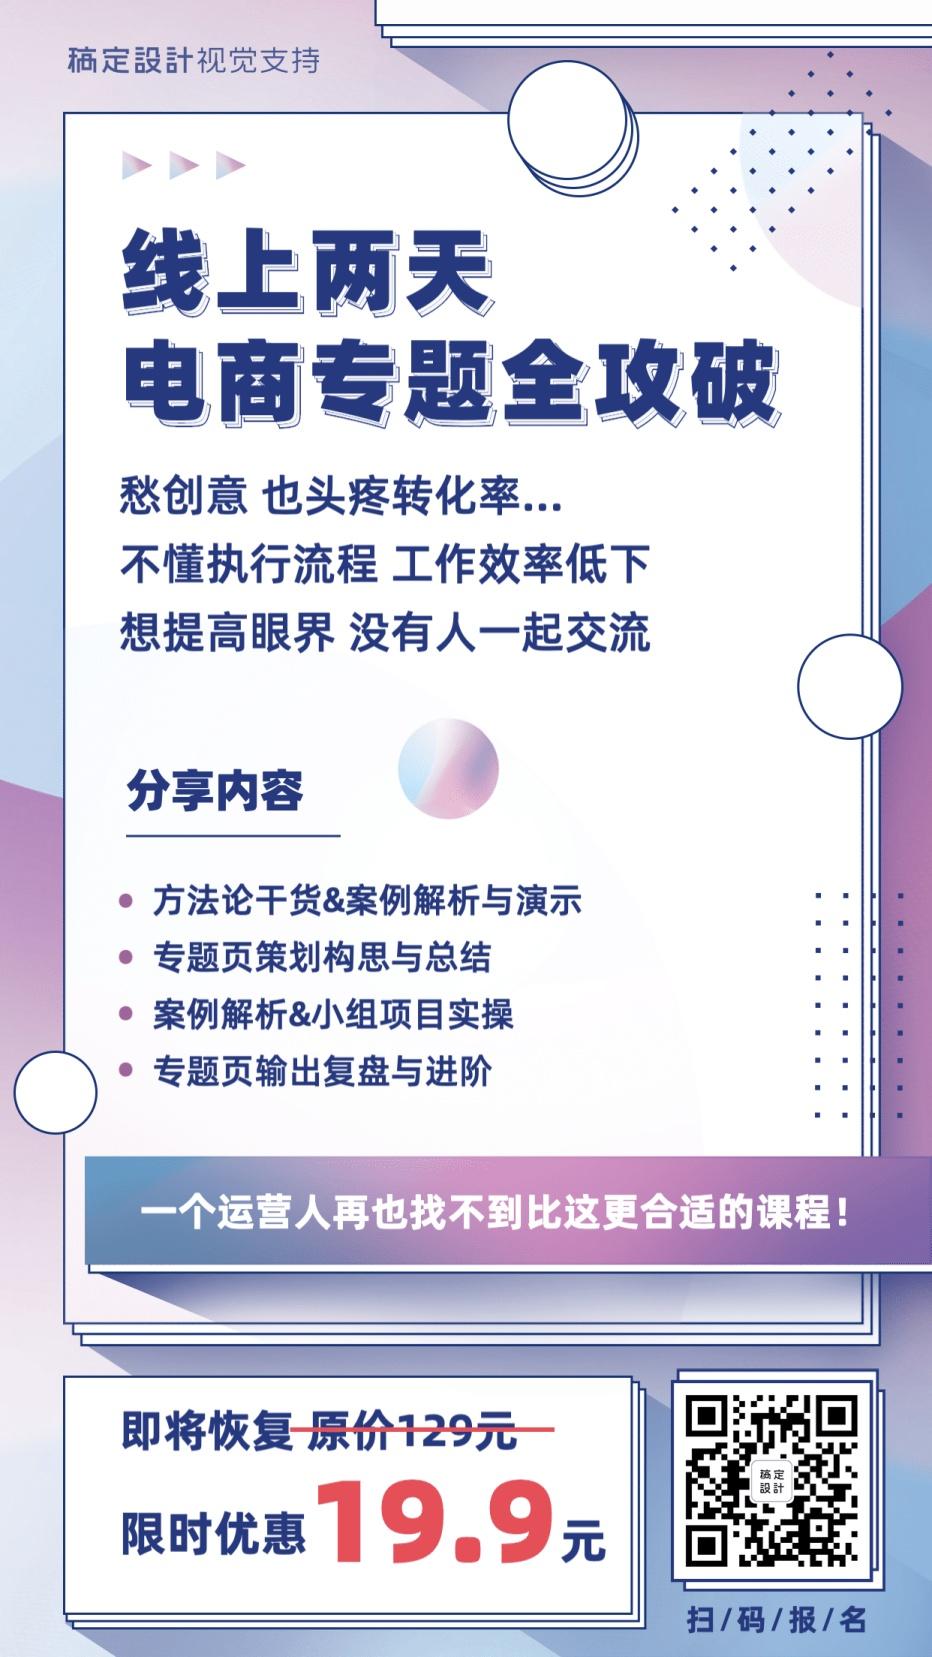 微信——电商培训课堂课程直播海报